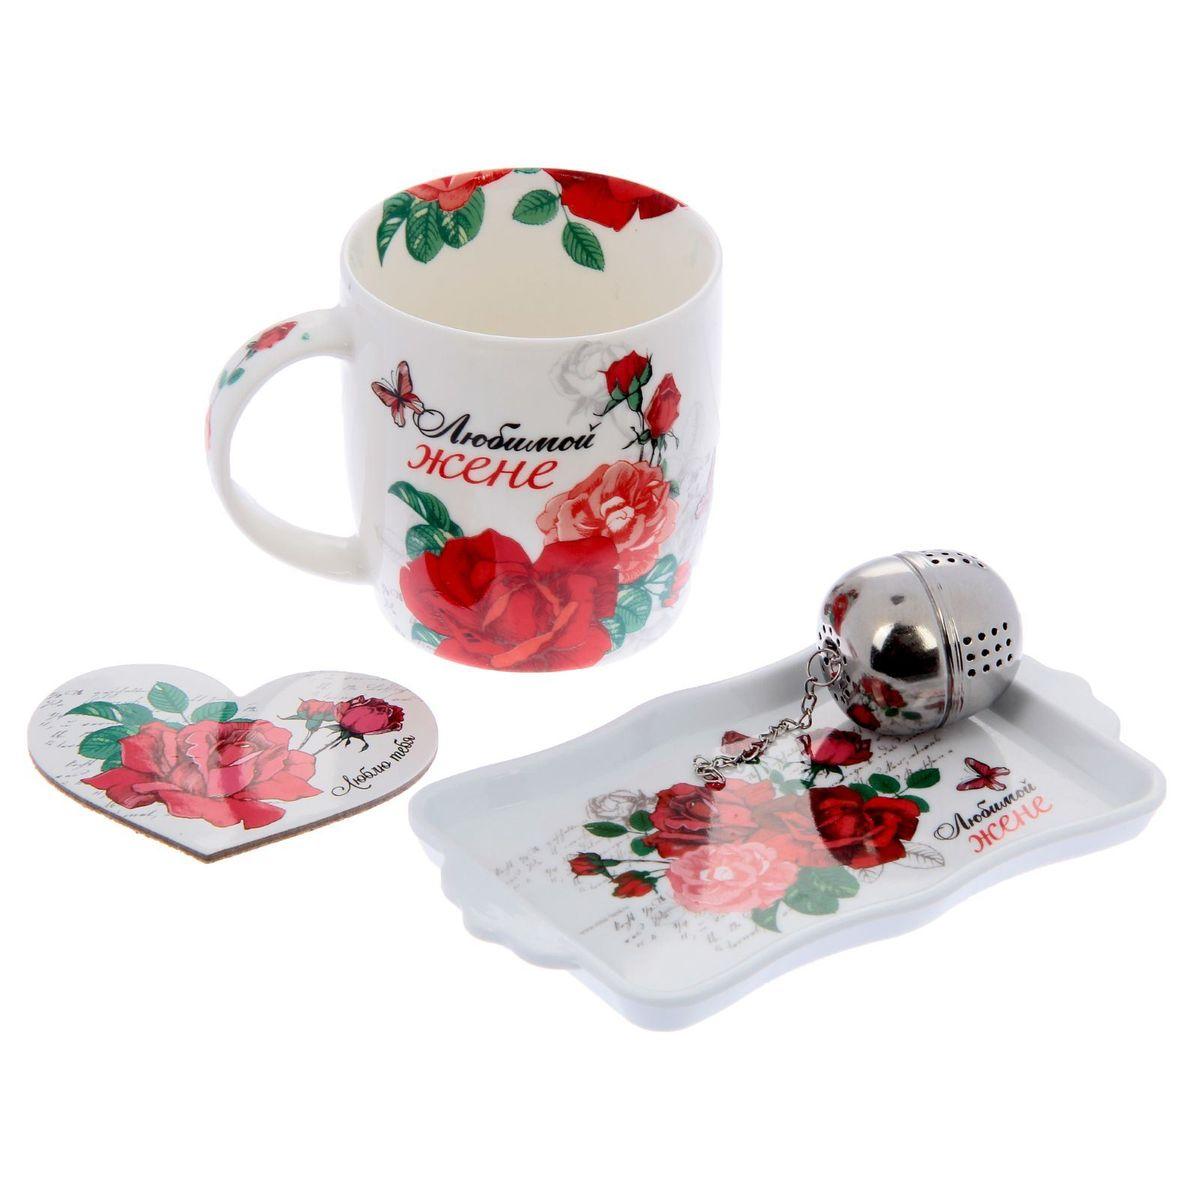 Набор подарочный Любимой жене, 4 предмета1176421Набор состоит из кружки (350 мл), подставки, подноса и ситечка для заварки.